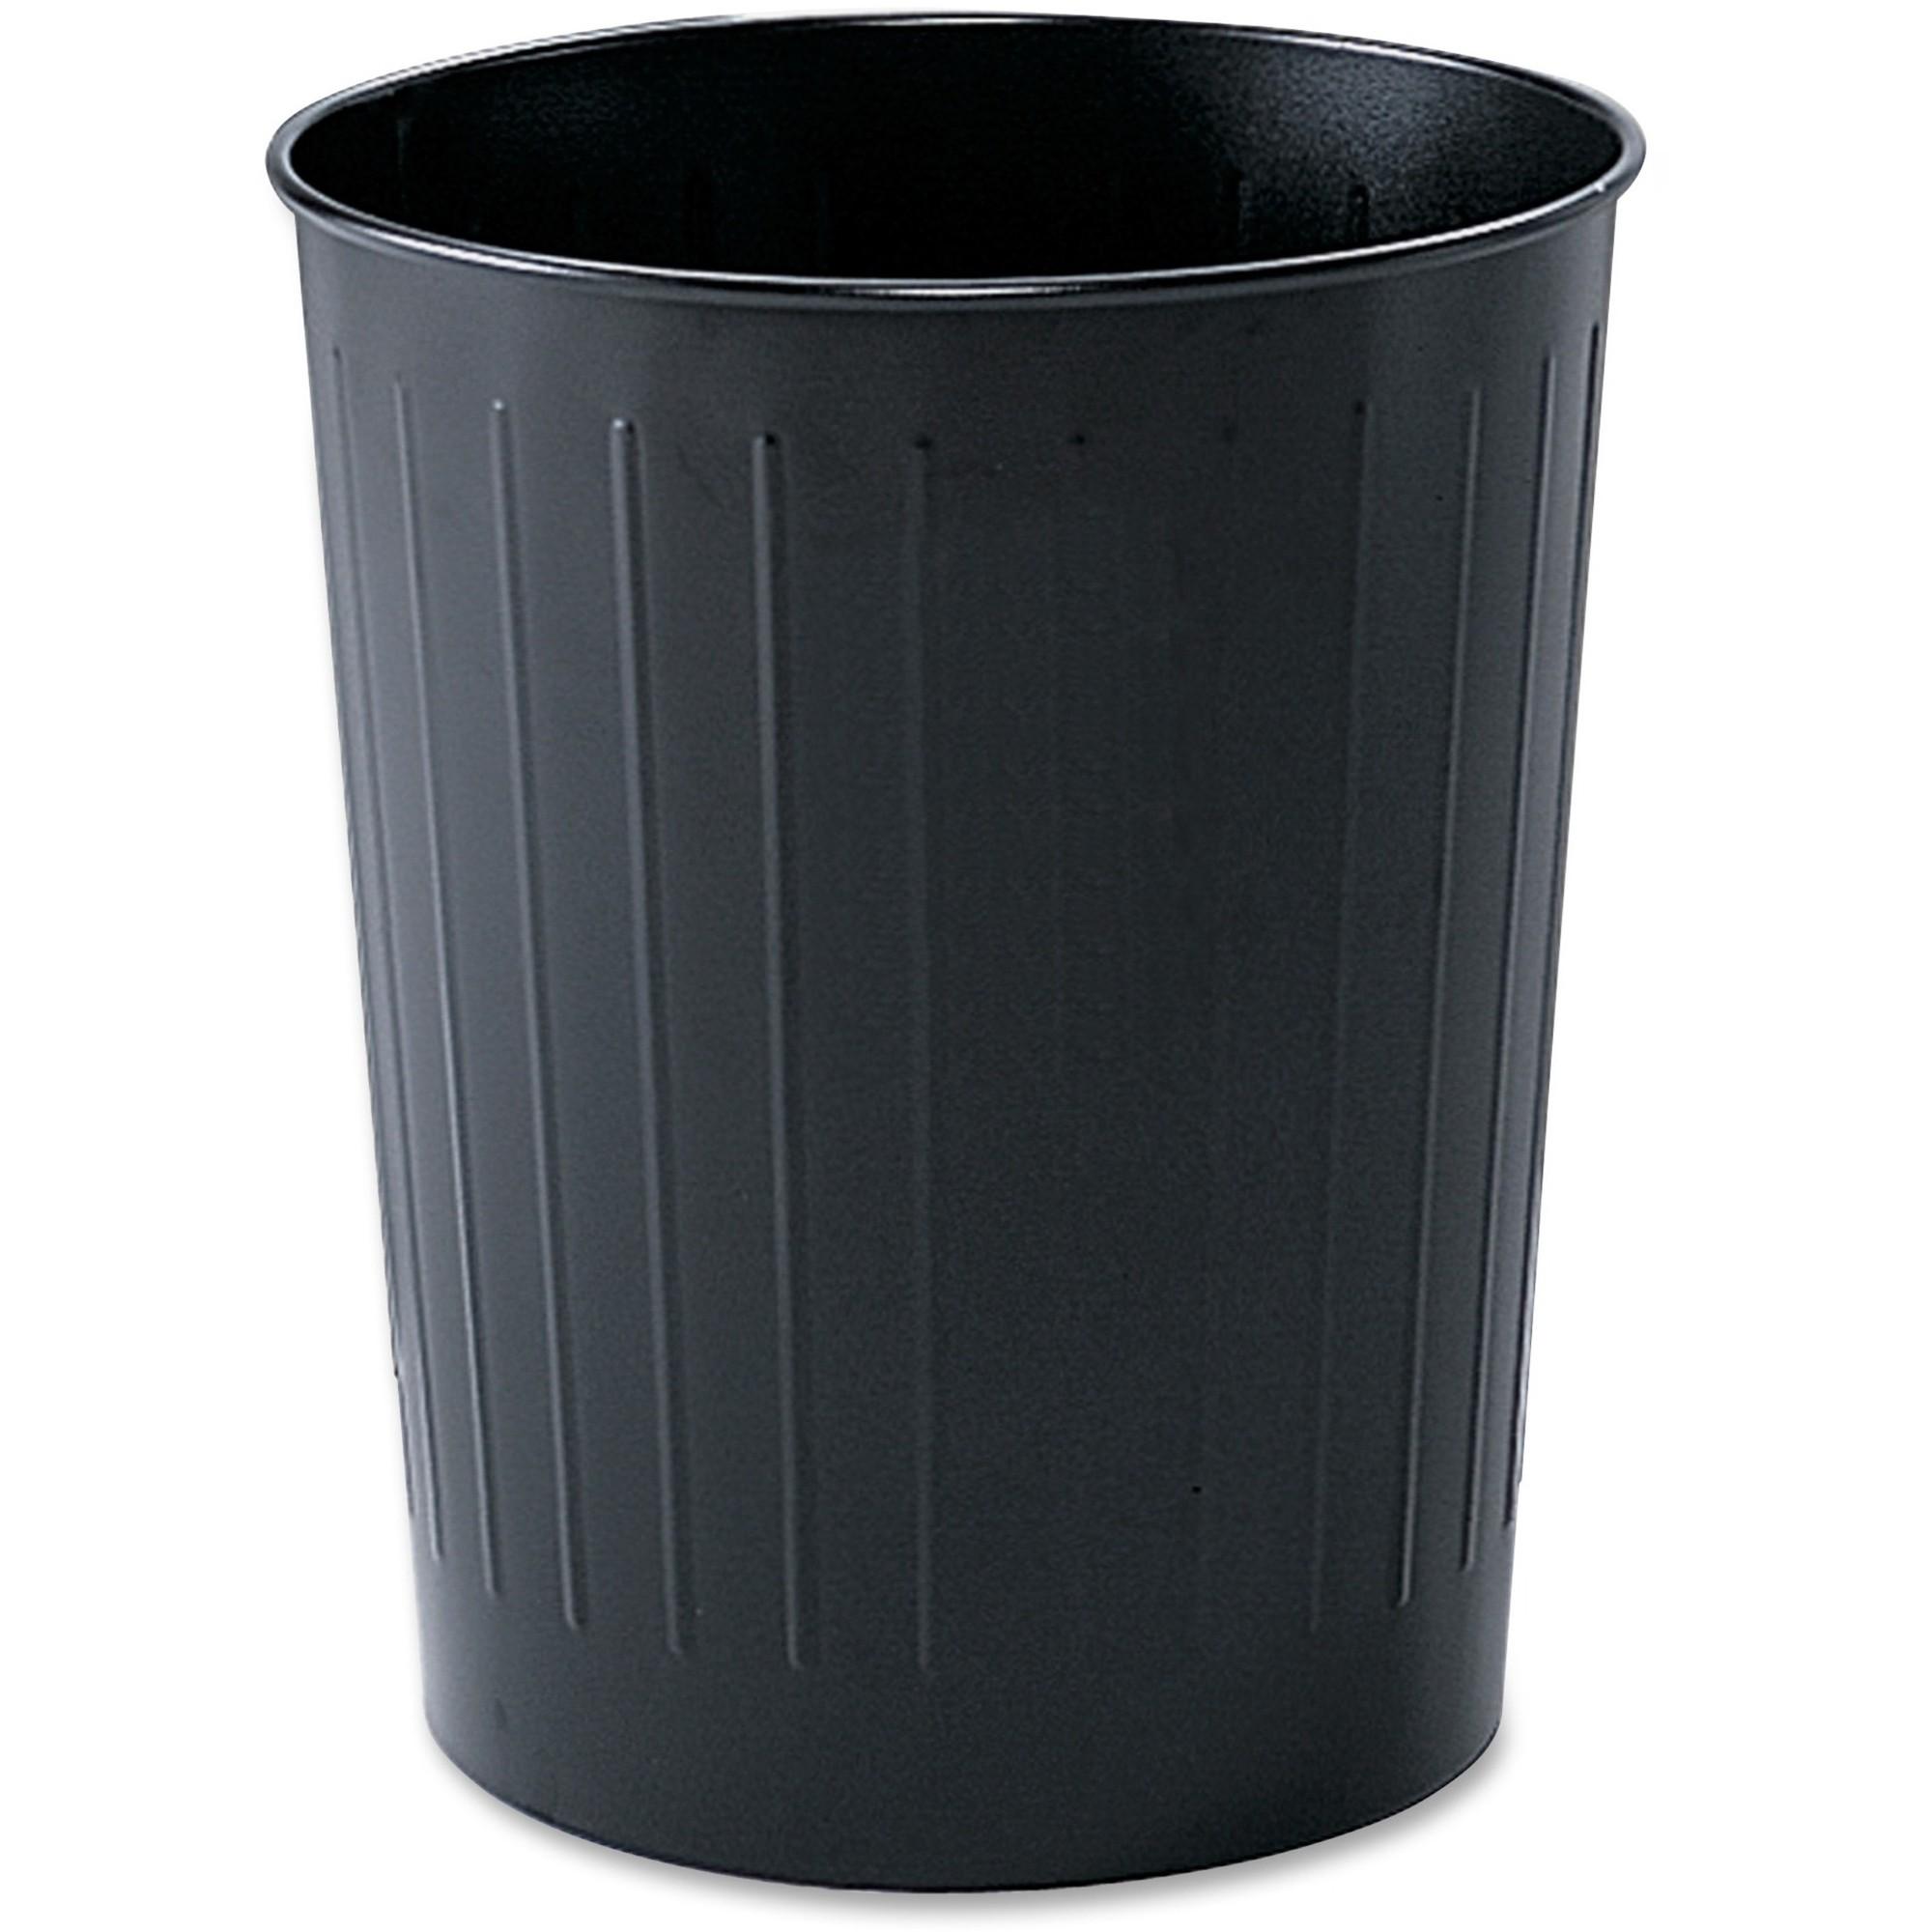 Round Wastebasket, Steel, 23.5qt, Black